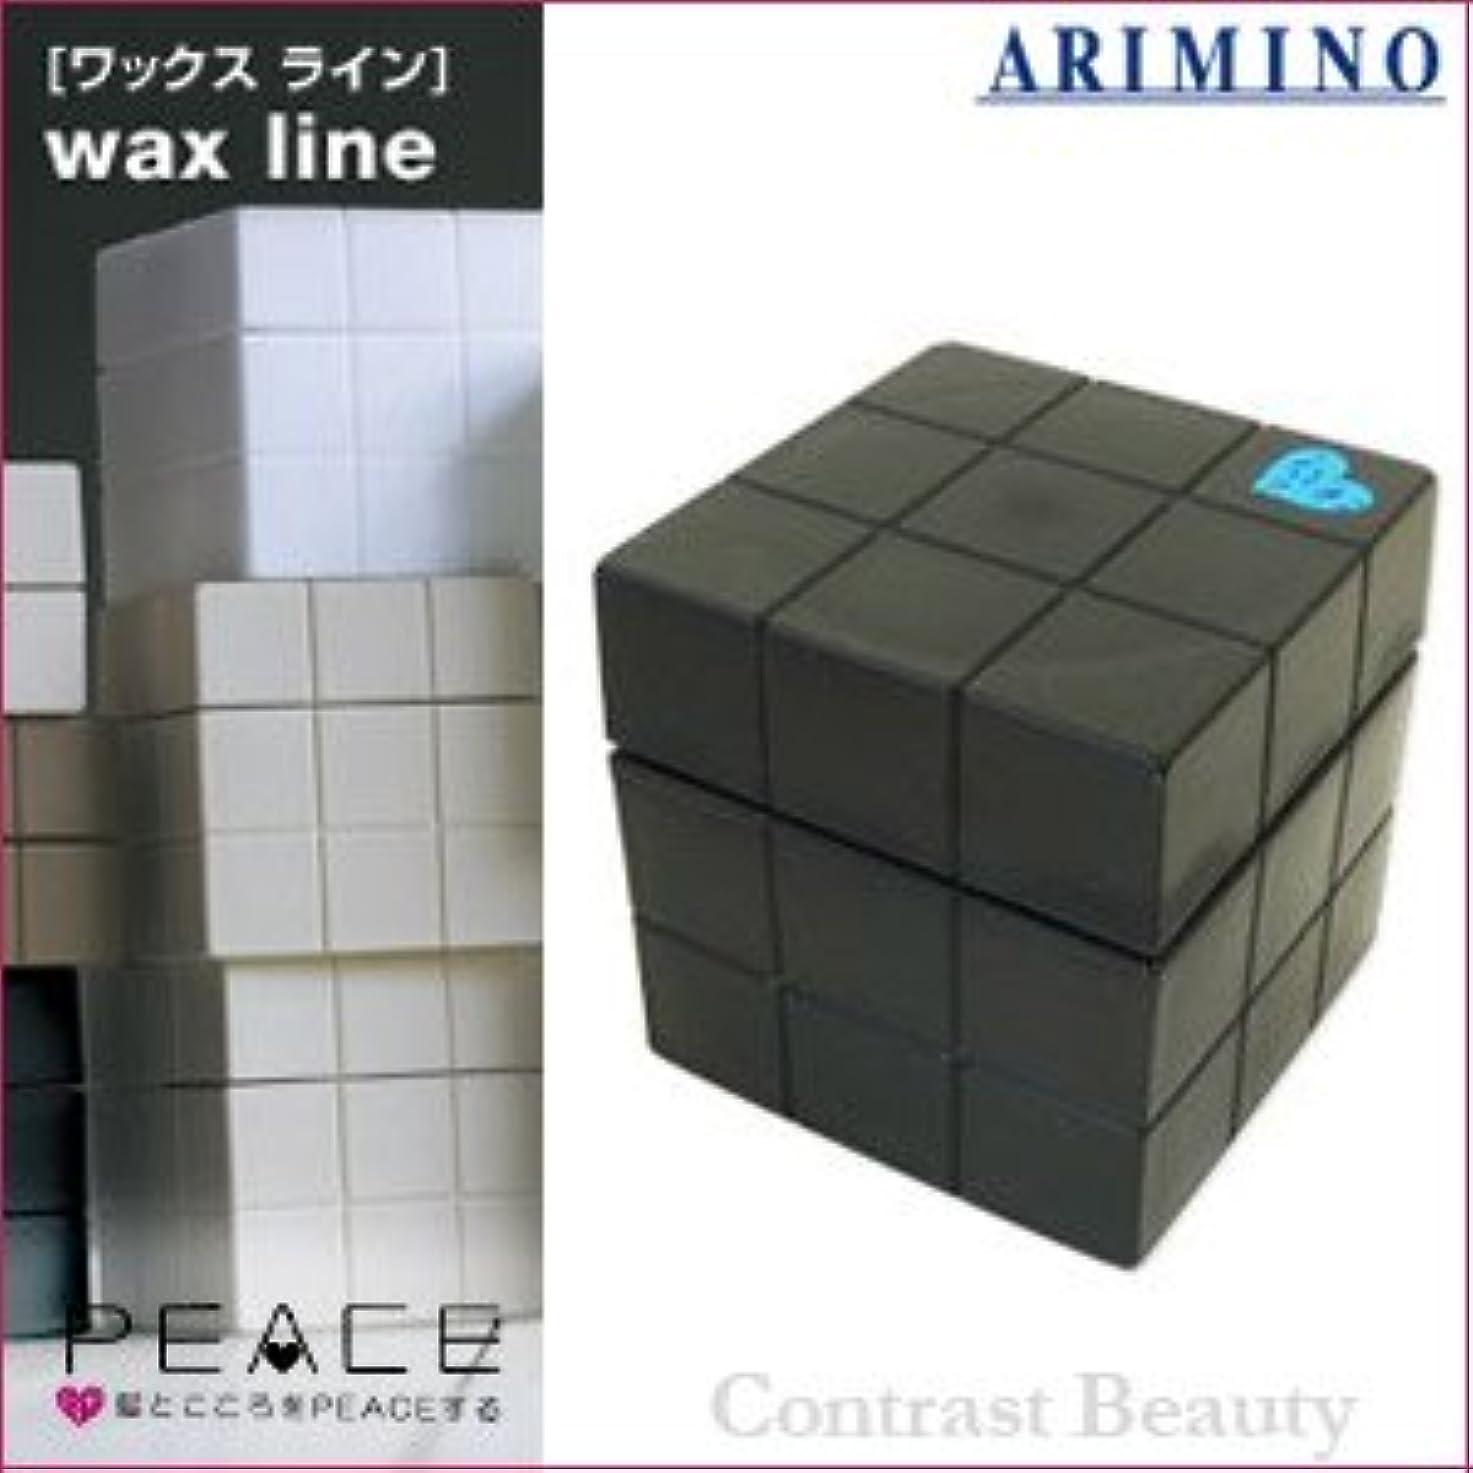 ミニ韻邪悪な【X4個セット】 アリミノ ピース プロデザインシリーズ フリーズキープワックス ブラック 80g